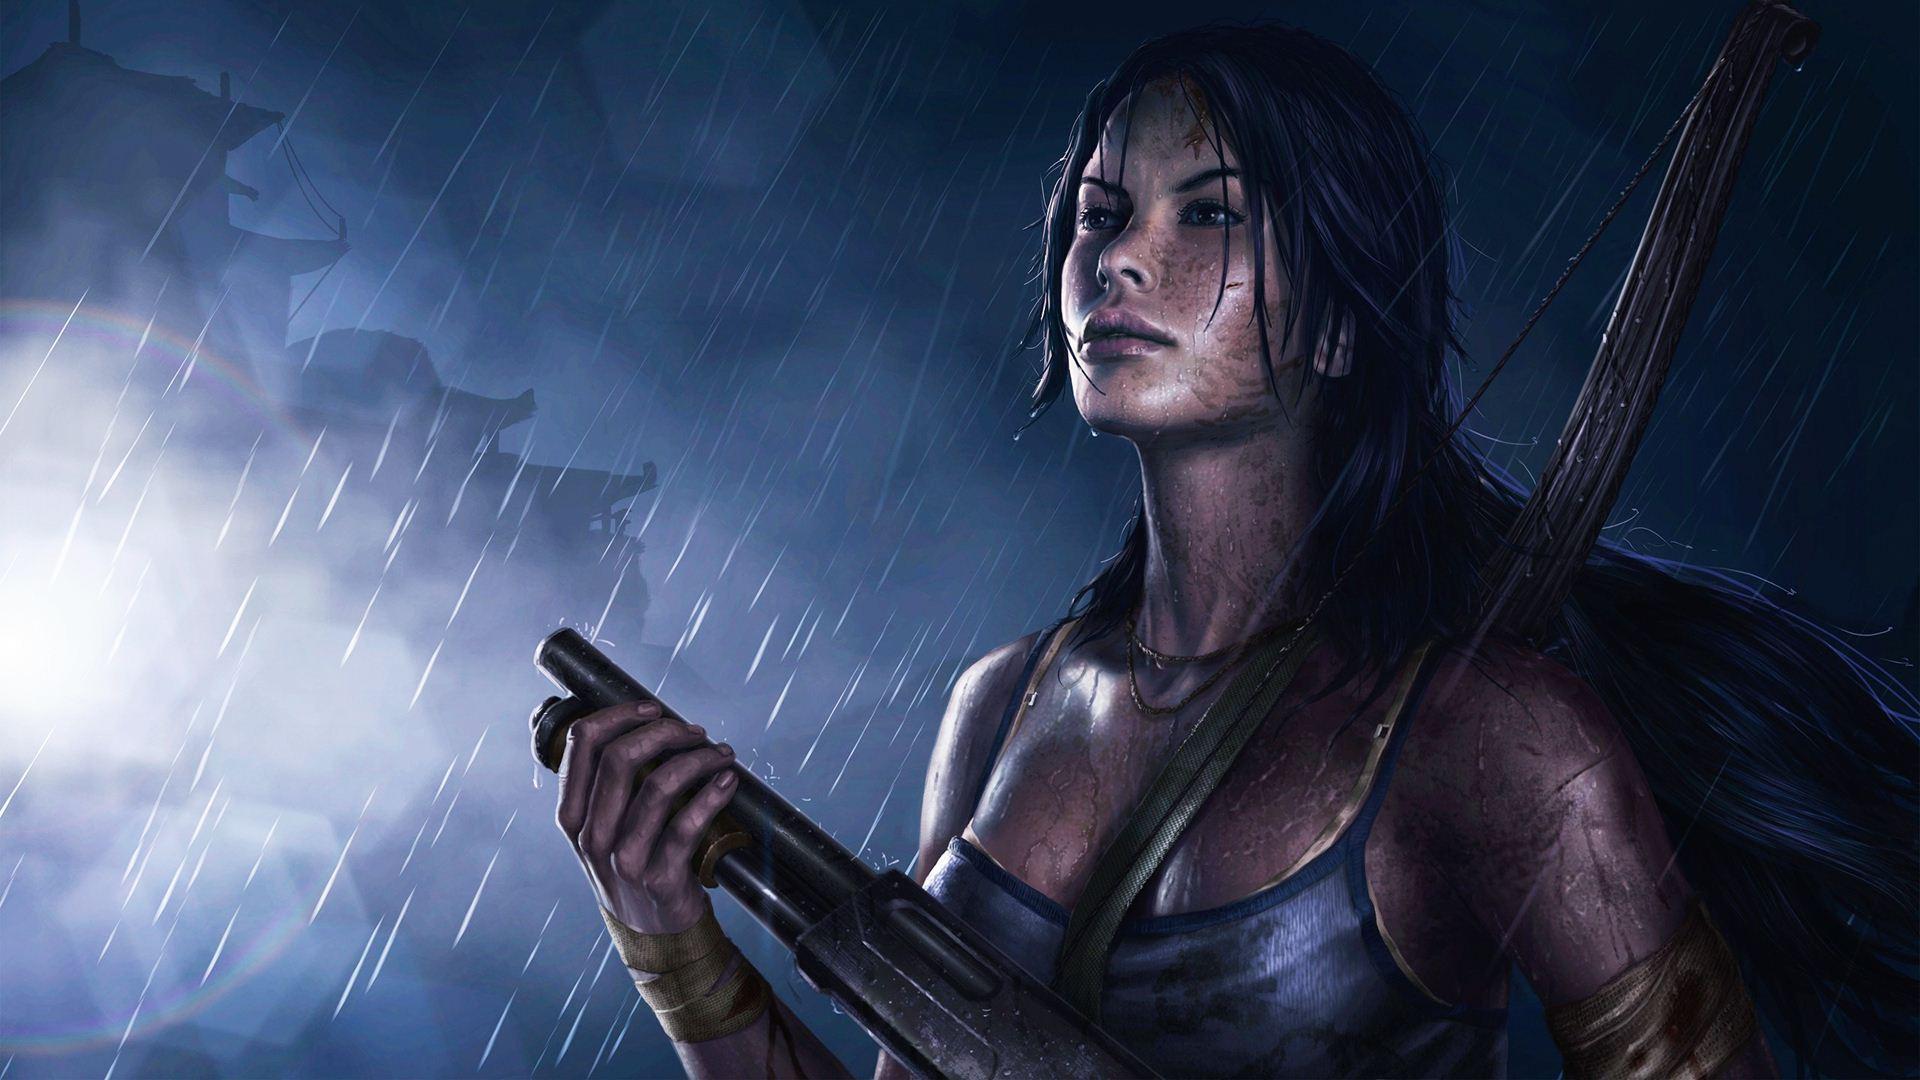 Tomb Raider Wallpaper 1920x1080 1920x1080